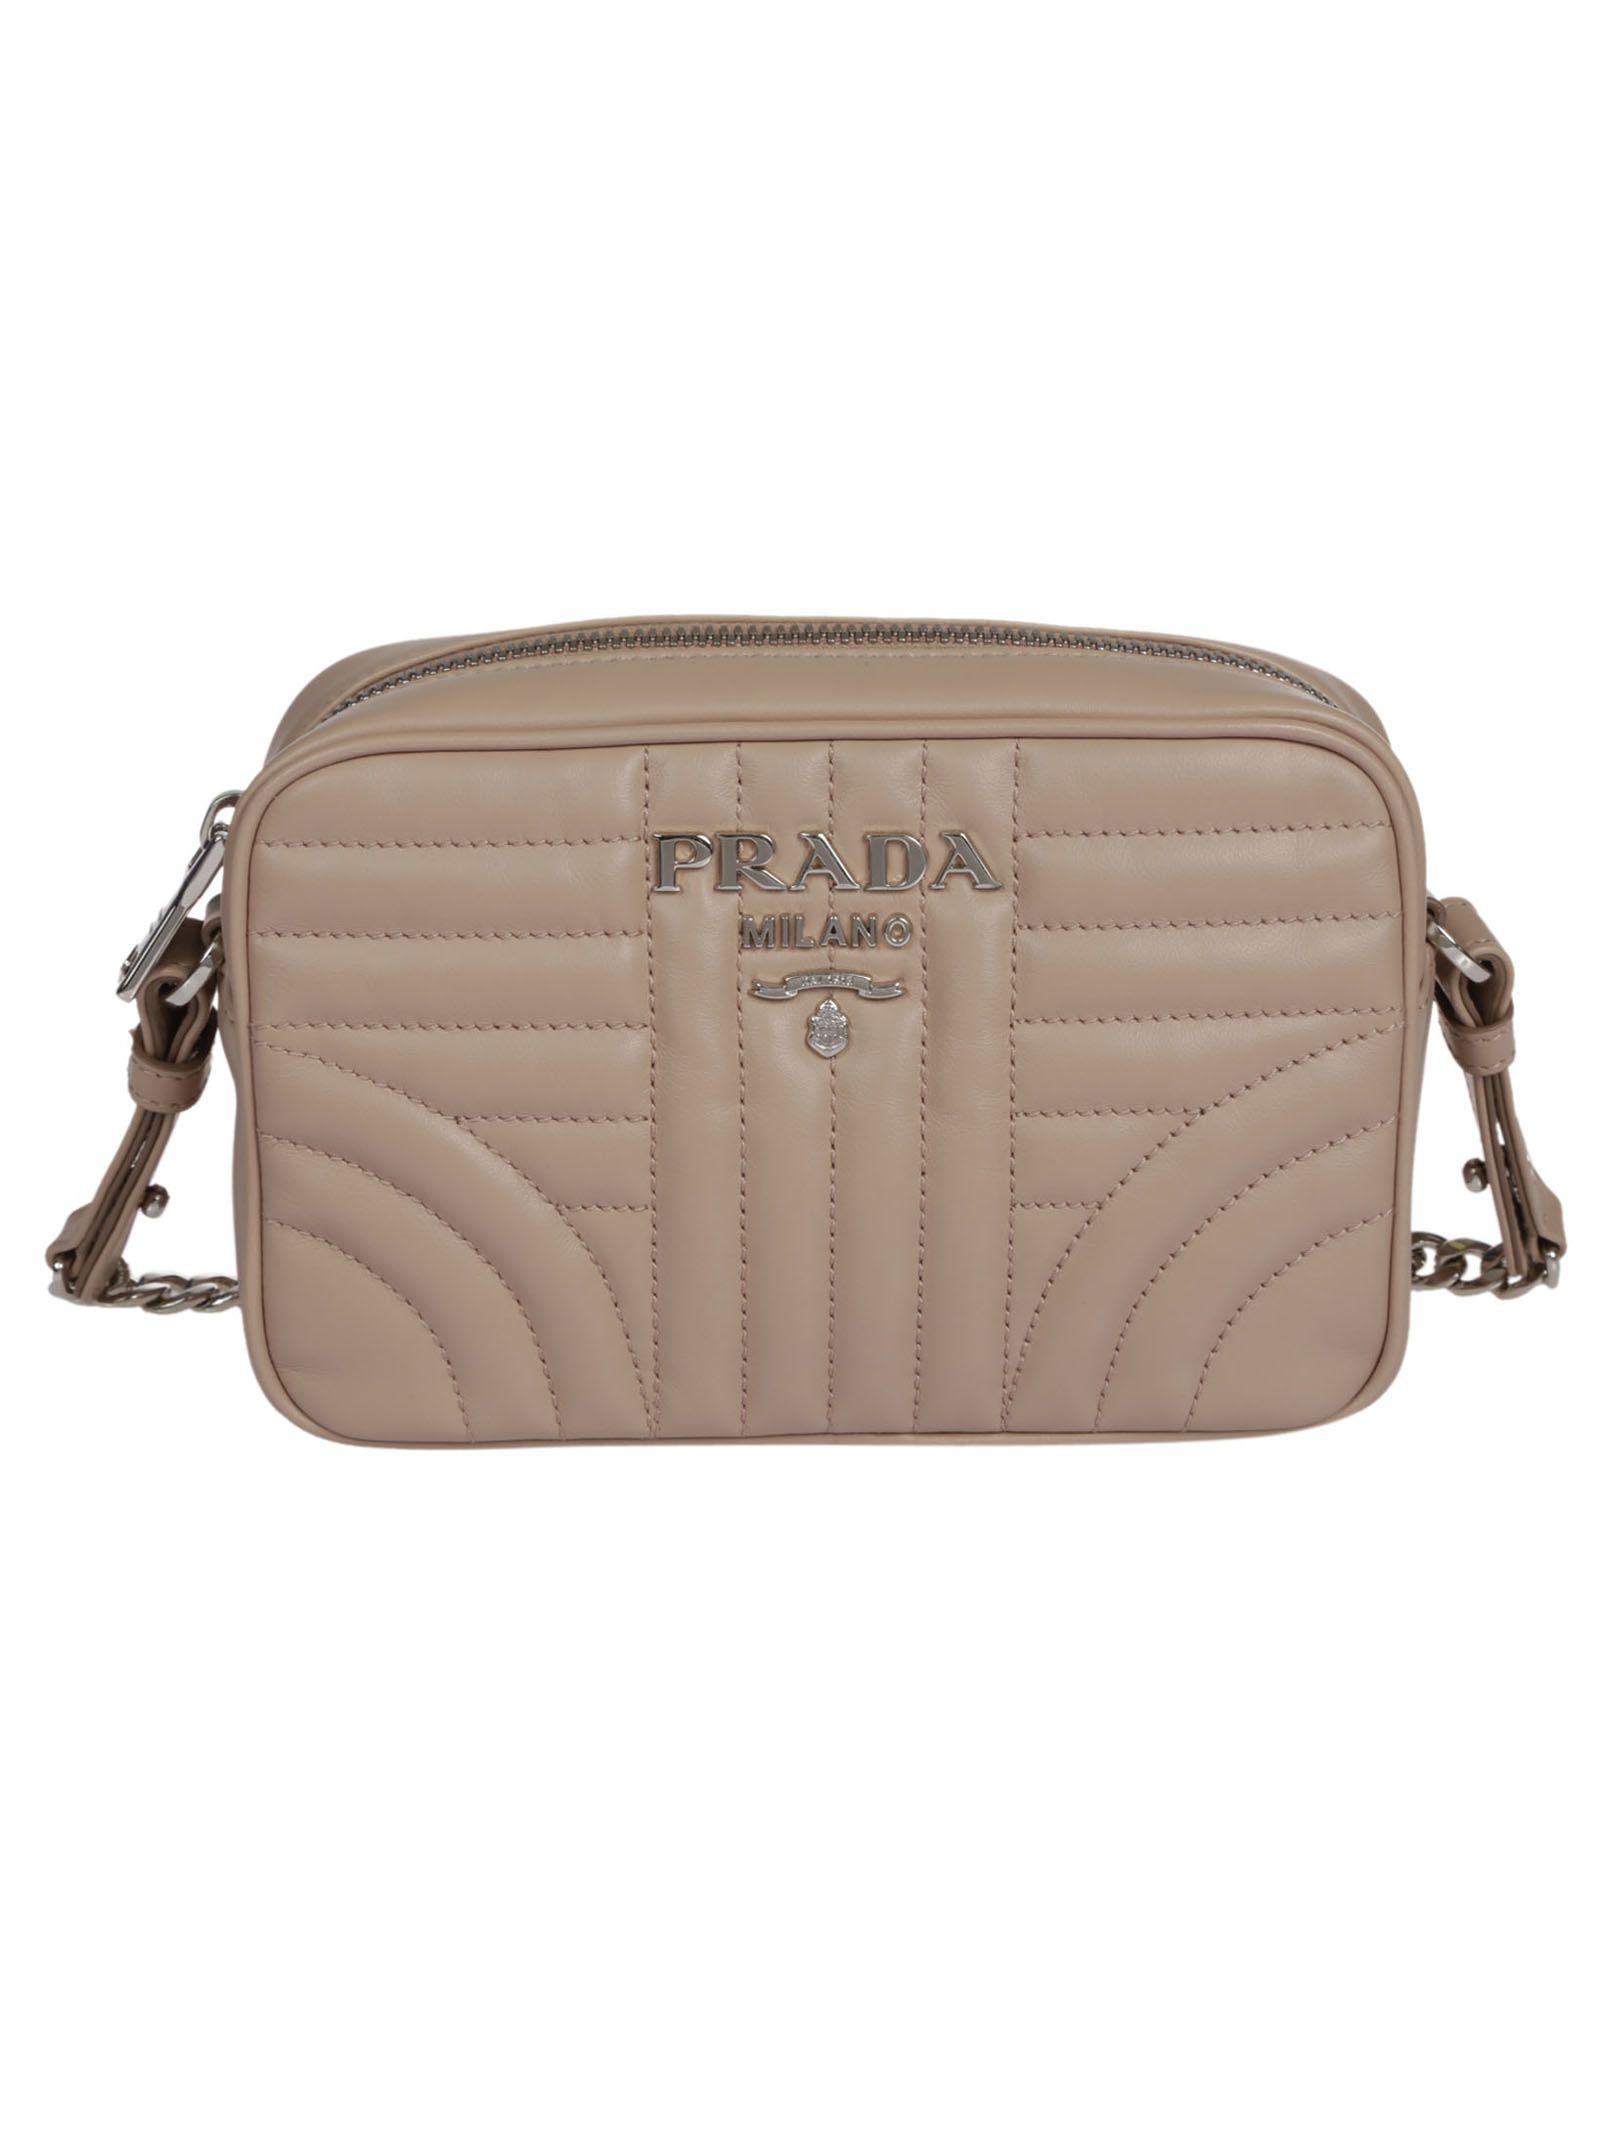 5f7ada360f70 PRADA BEVELED SHOULDER BAG